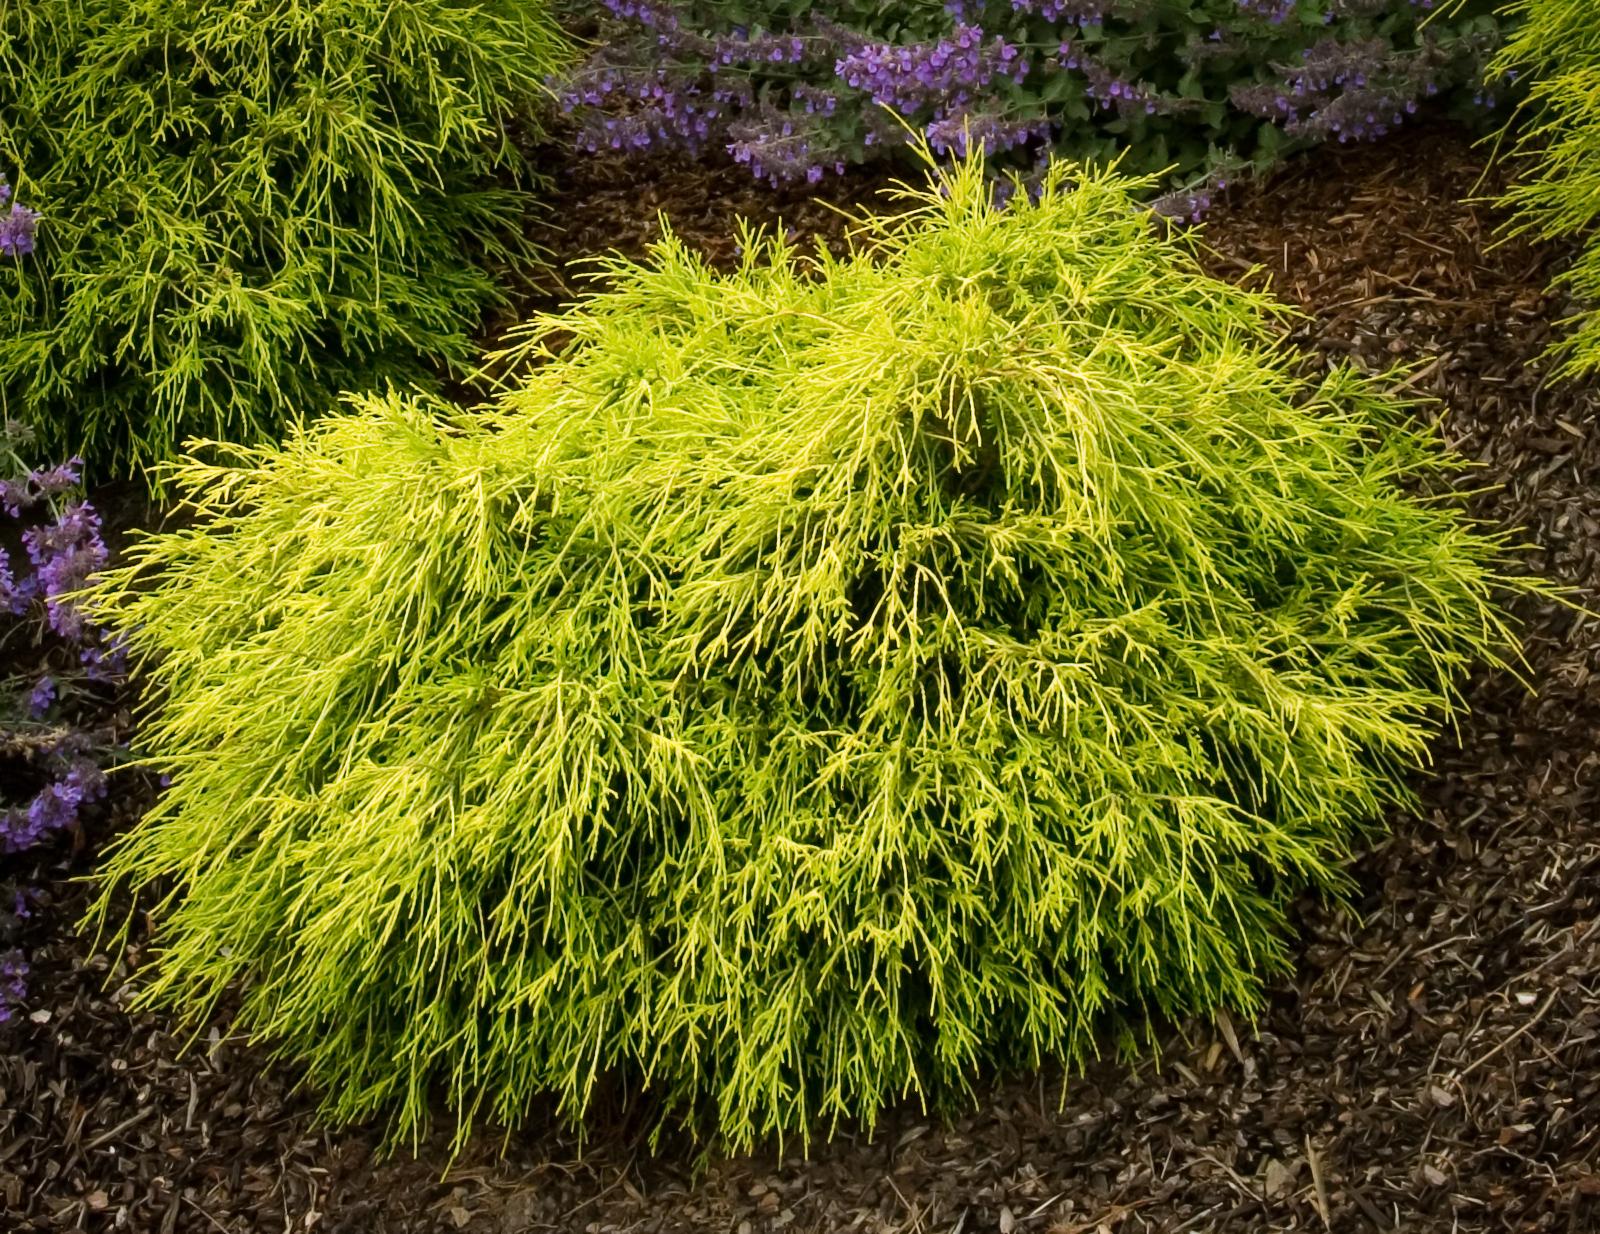 sungold sawara cypress shrubs for sale